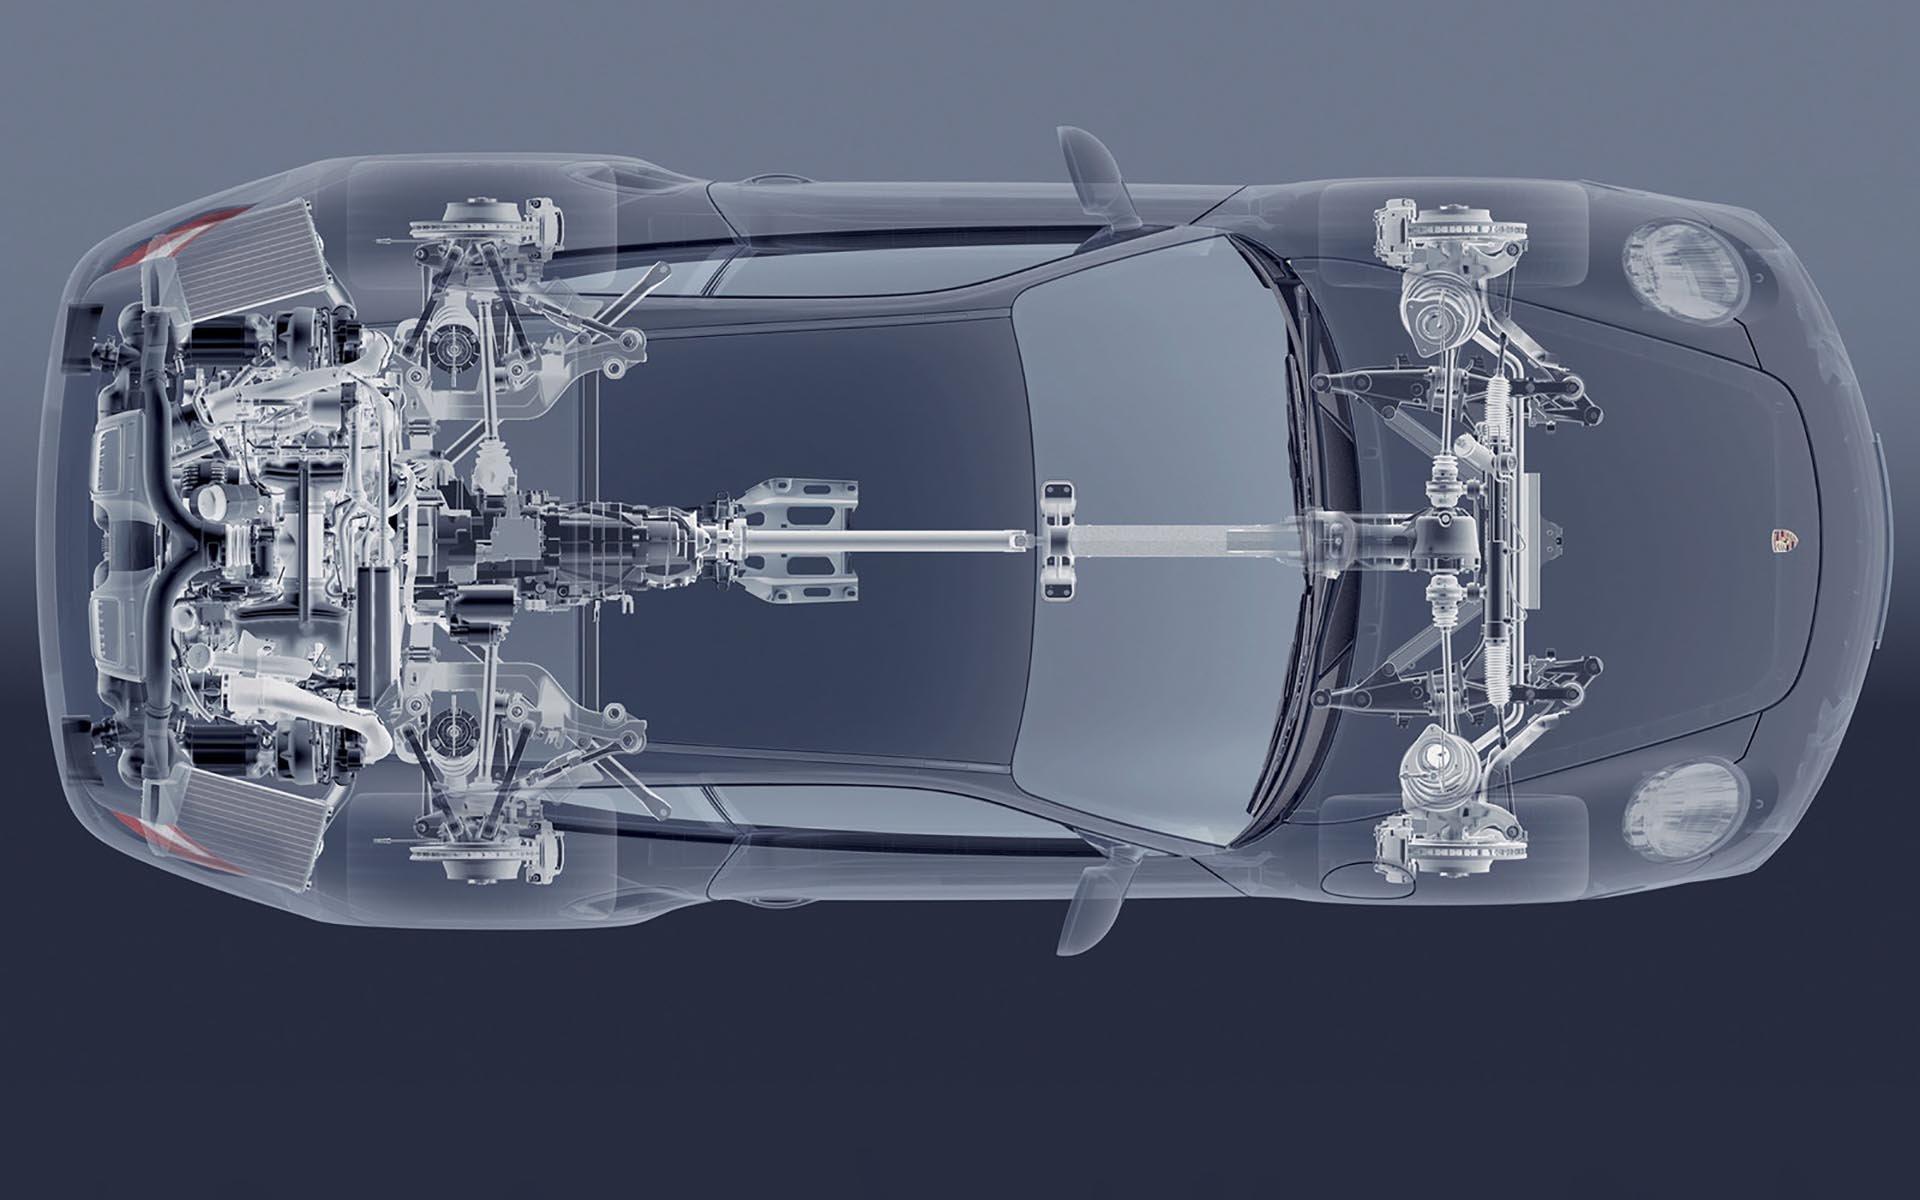 14_Porsche 911 Turbo Porsche Traction Management Diagram